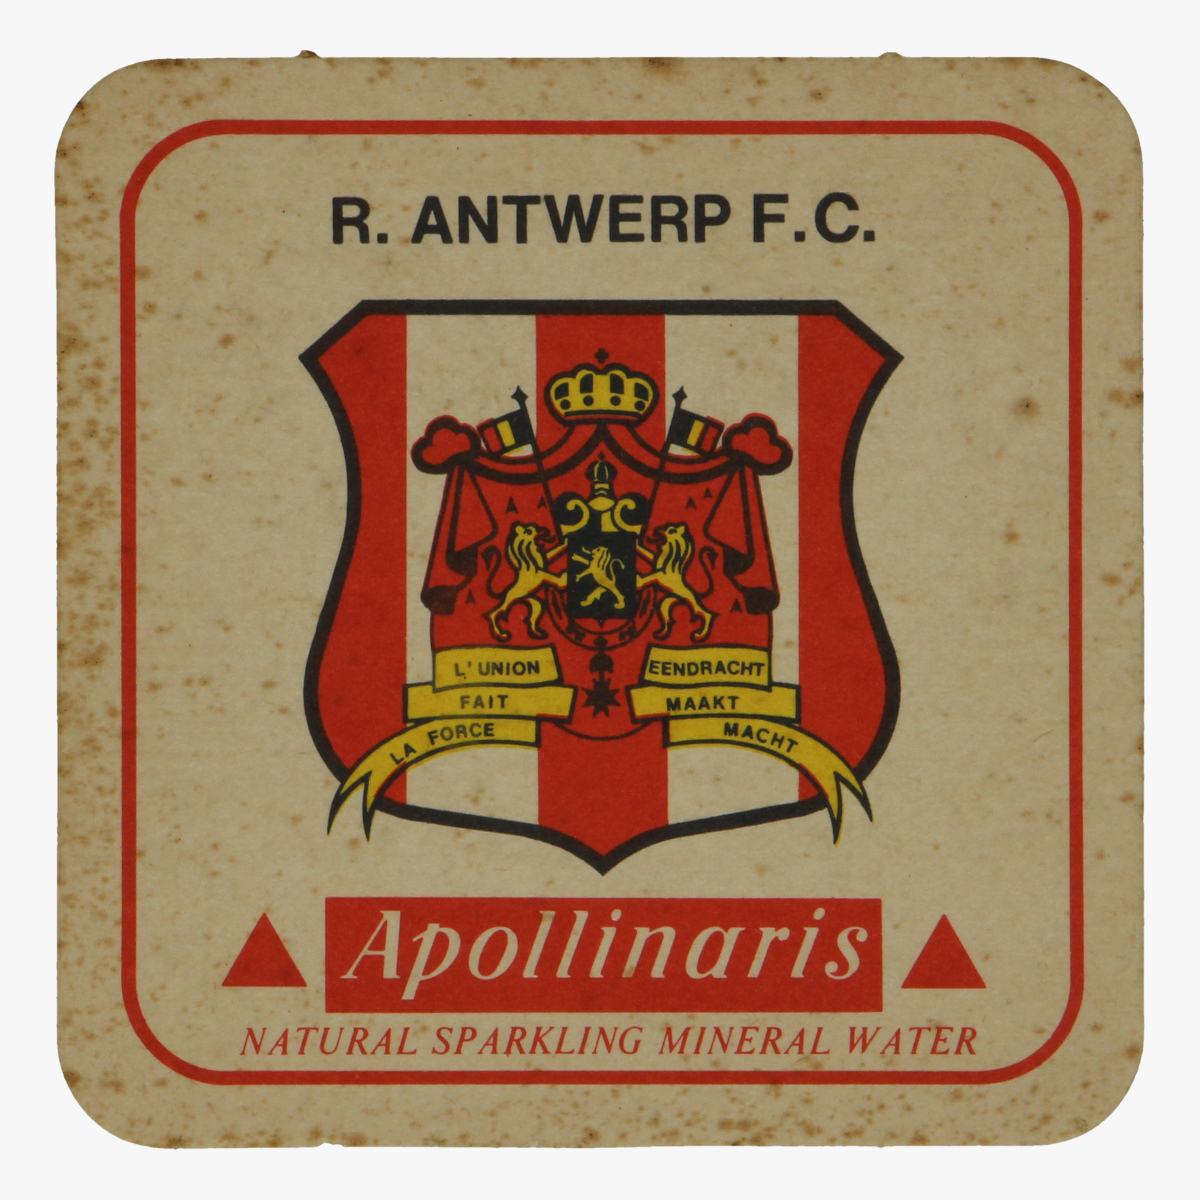 Afbeeldingen van bierkaartje r. Antwerpen f.c apollinaris